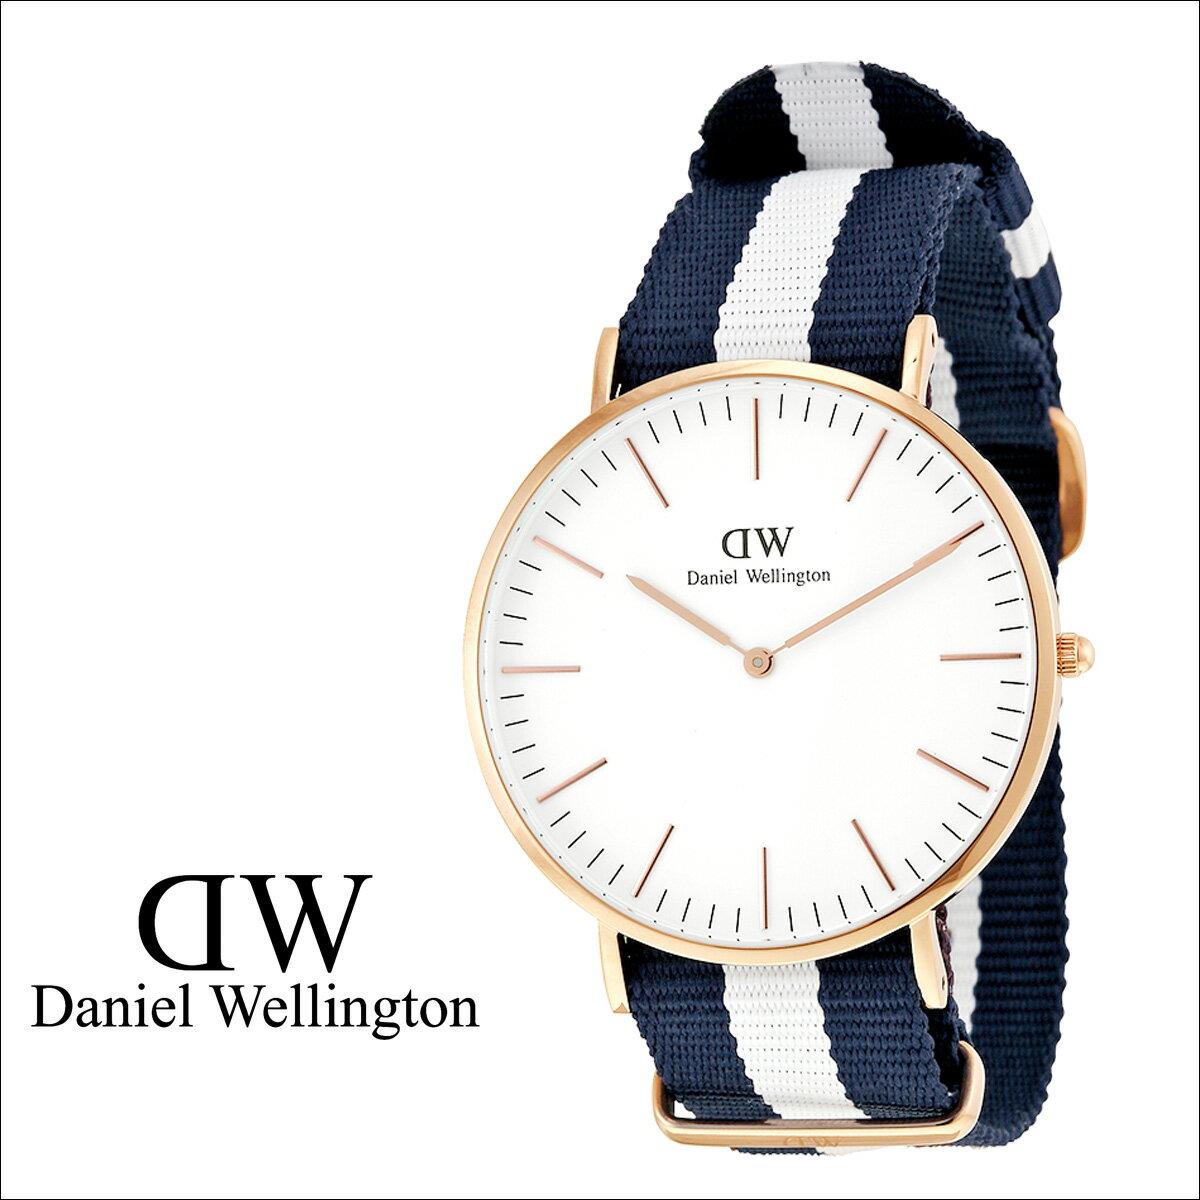 ダニエルウェリントン Daniel Wellington 40mm 腕時計 メンズ  CLASSIC GLASGOW  ローズゴールド NATO  送料無料  ダニエル ウェリントン Daniel Wellington 腕時計 40ミリ 正規  通販